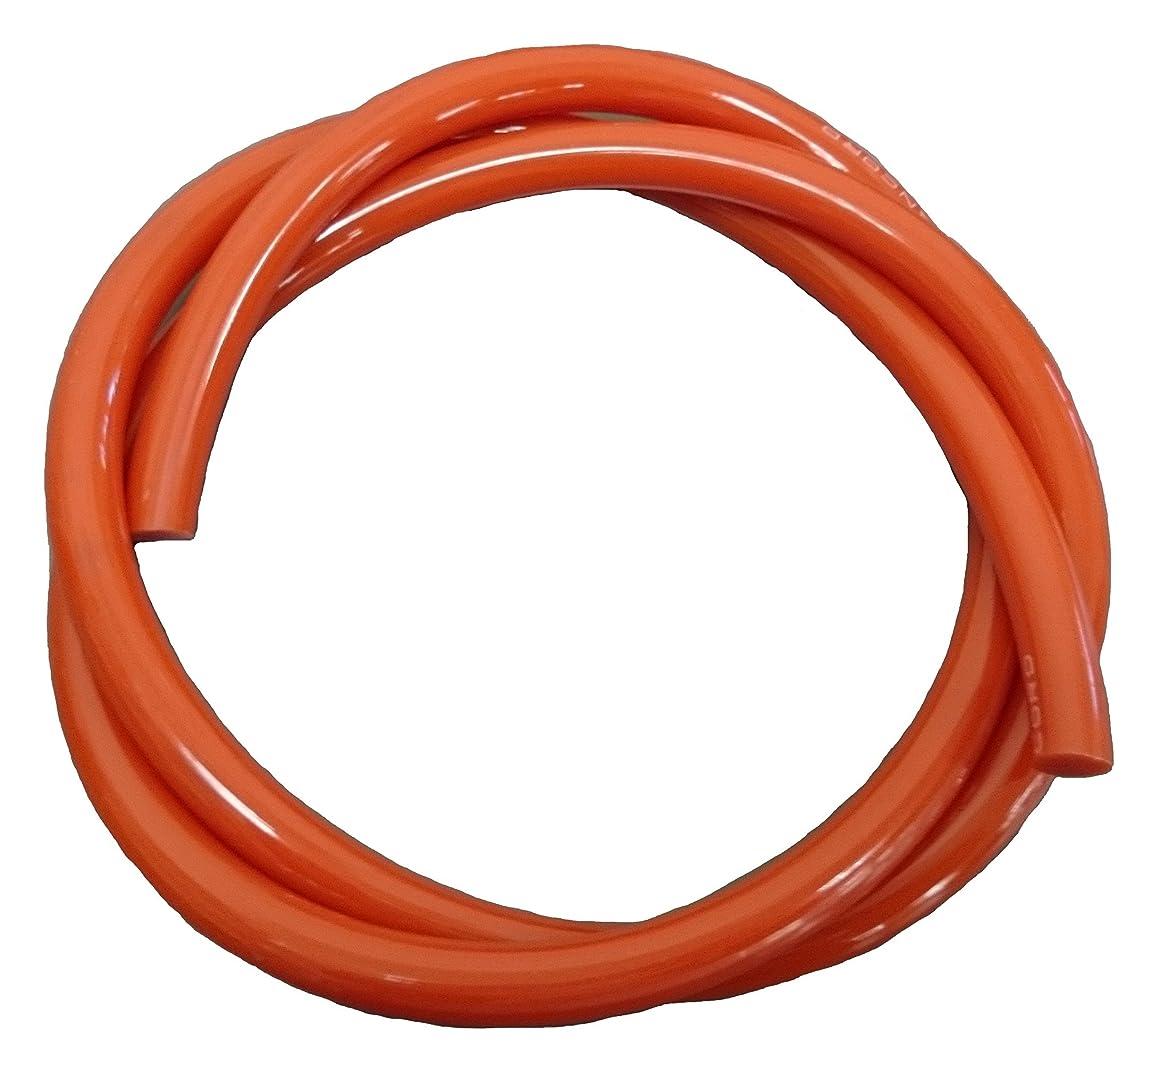 レッスンバター入るバンドー化学 バンコード 166mm φ12#480オレンジ オープンエンド NO480-12-C166000